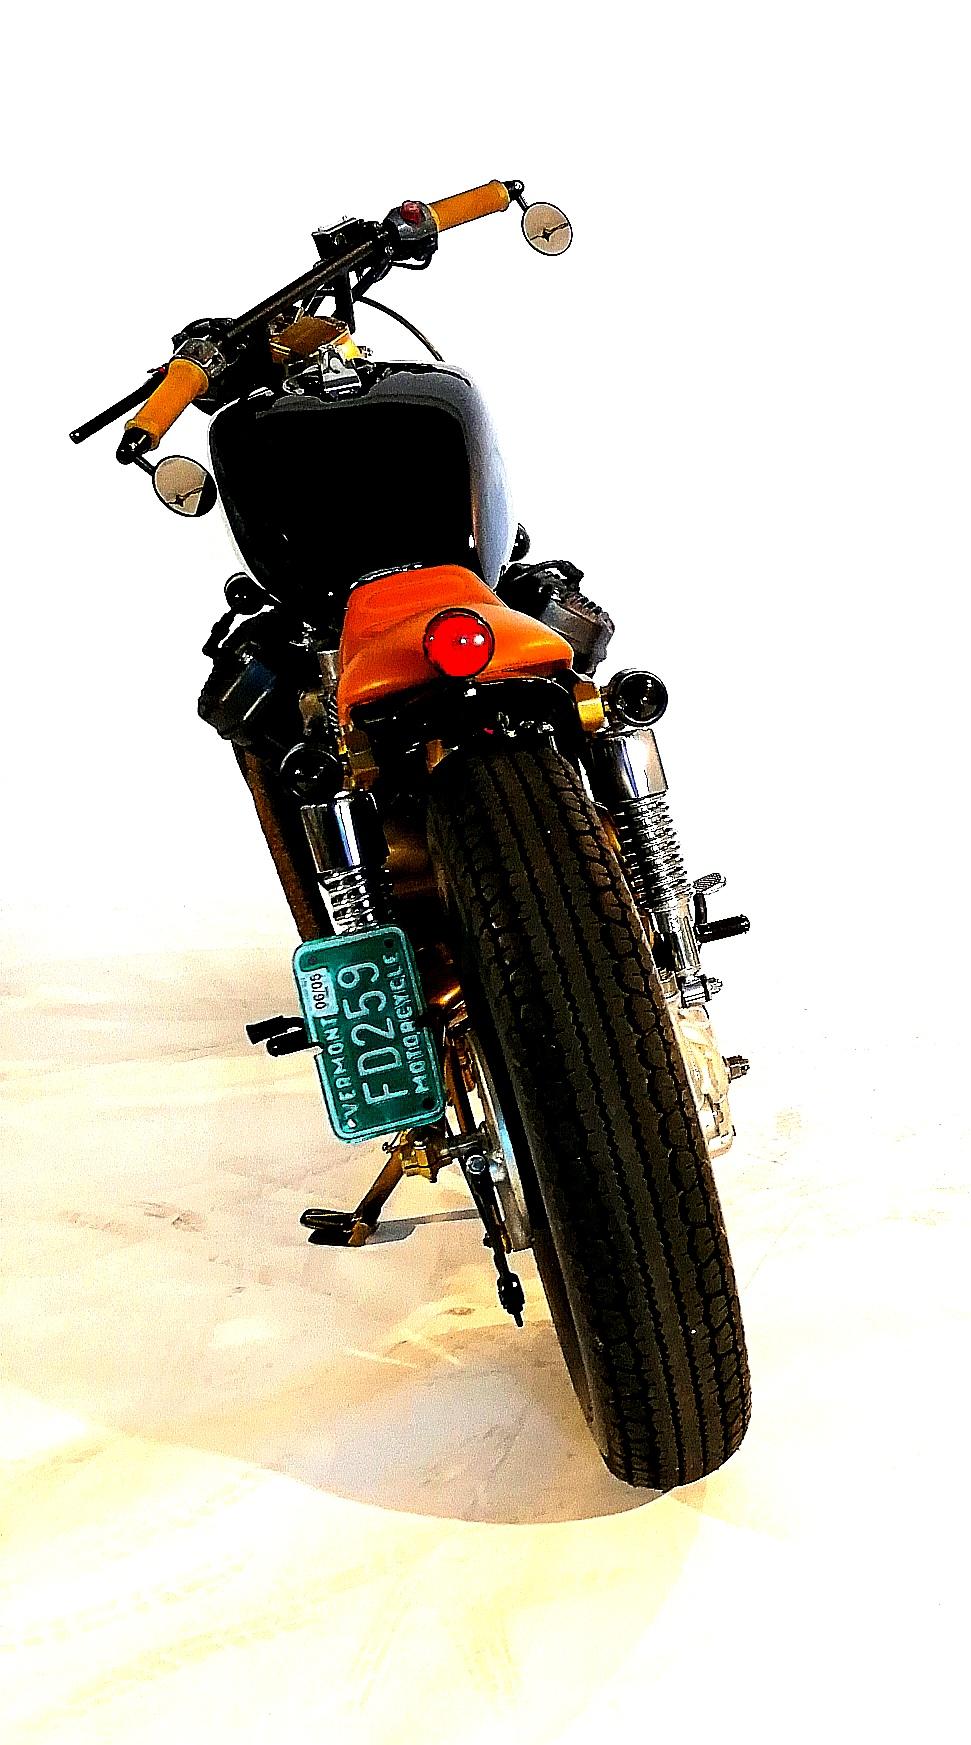 Honda cx 500 custom bobber cafe racer Iron maggot